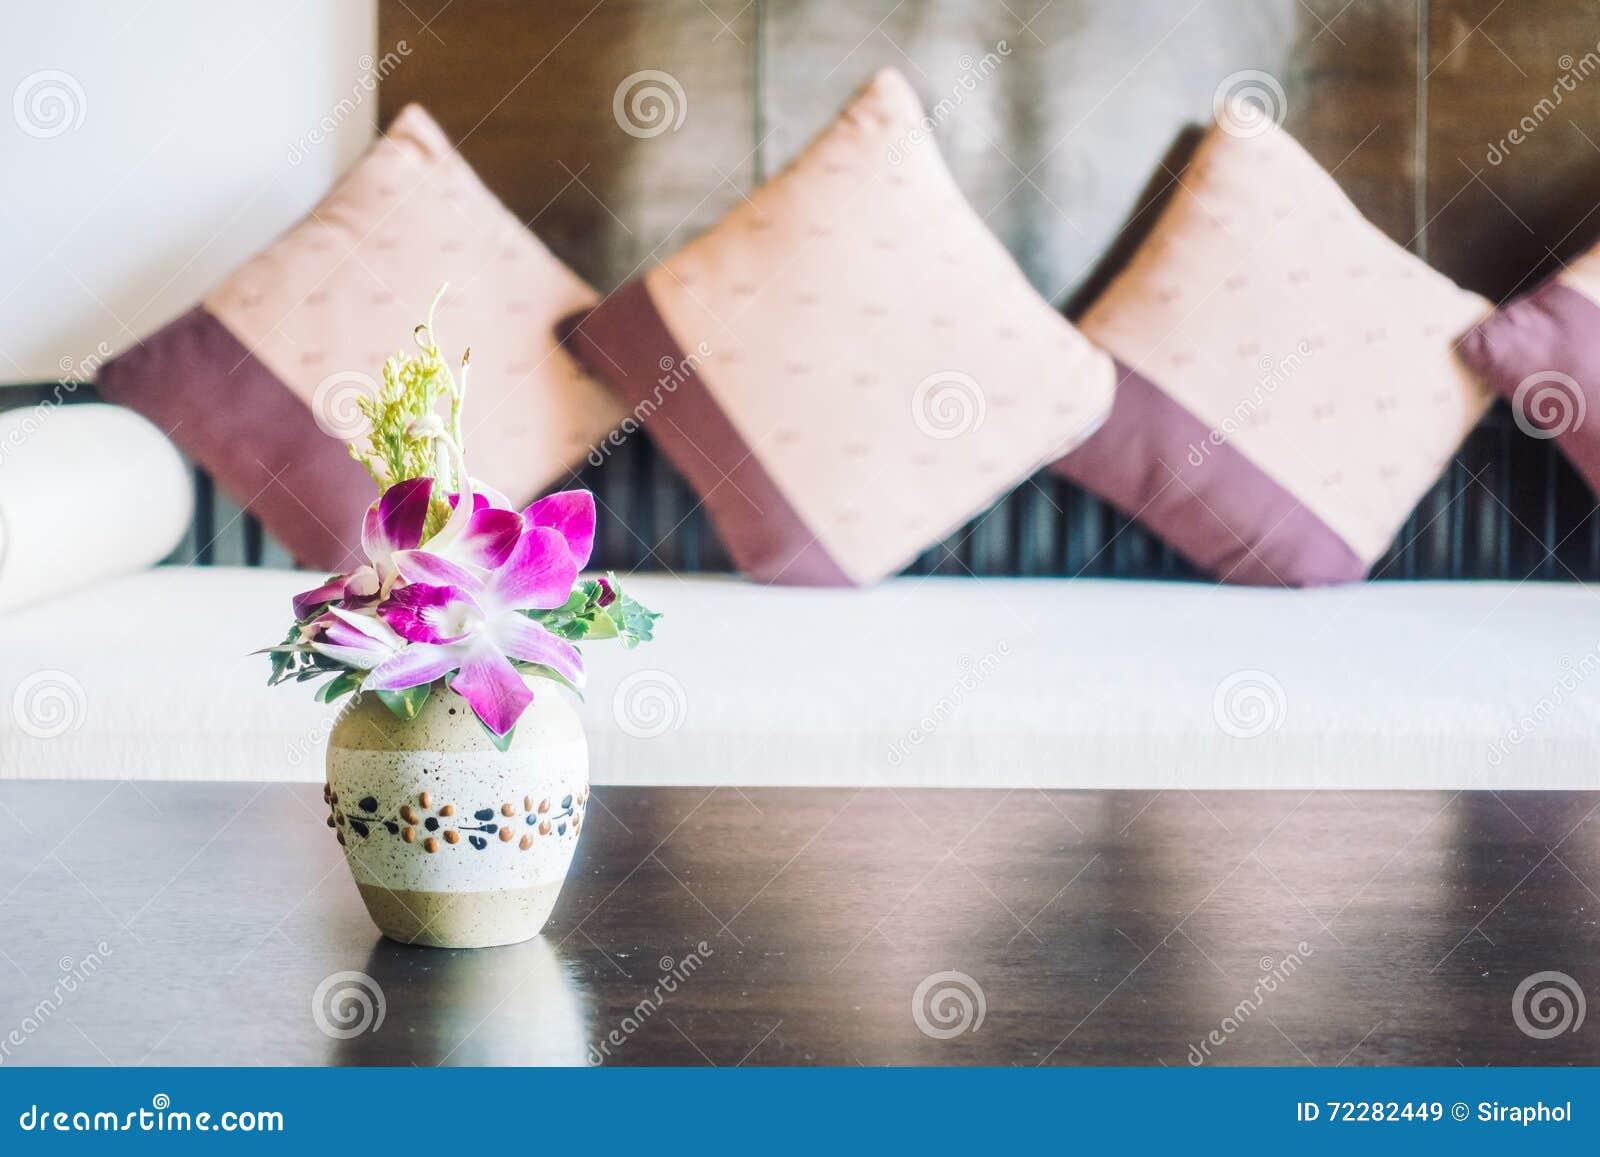 Download Цветок вазы стоковое изображение. изображение насчитывающей самомоднейше - 72282449